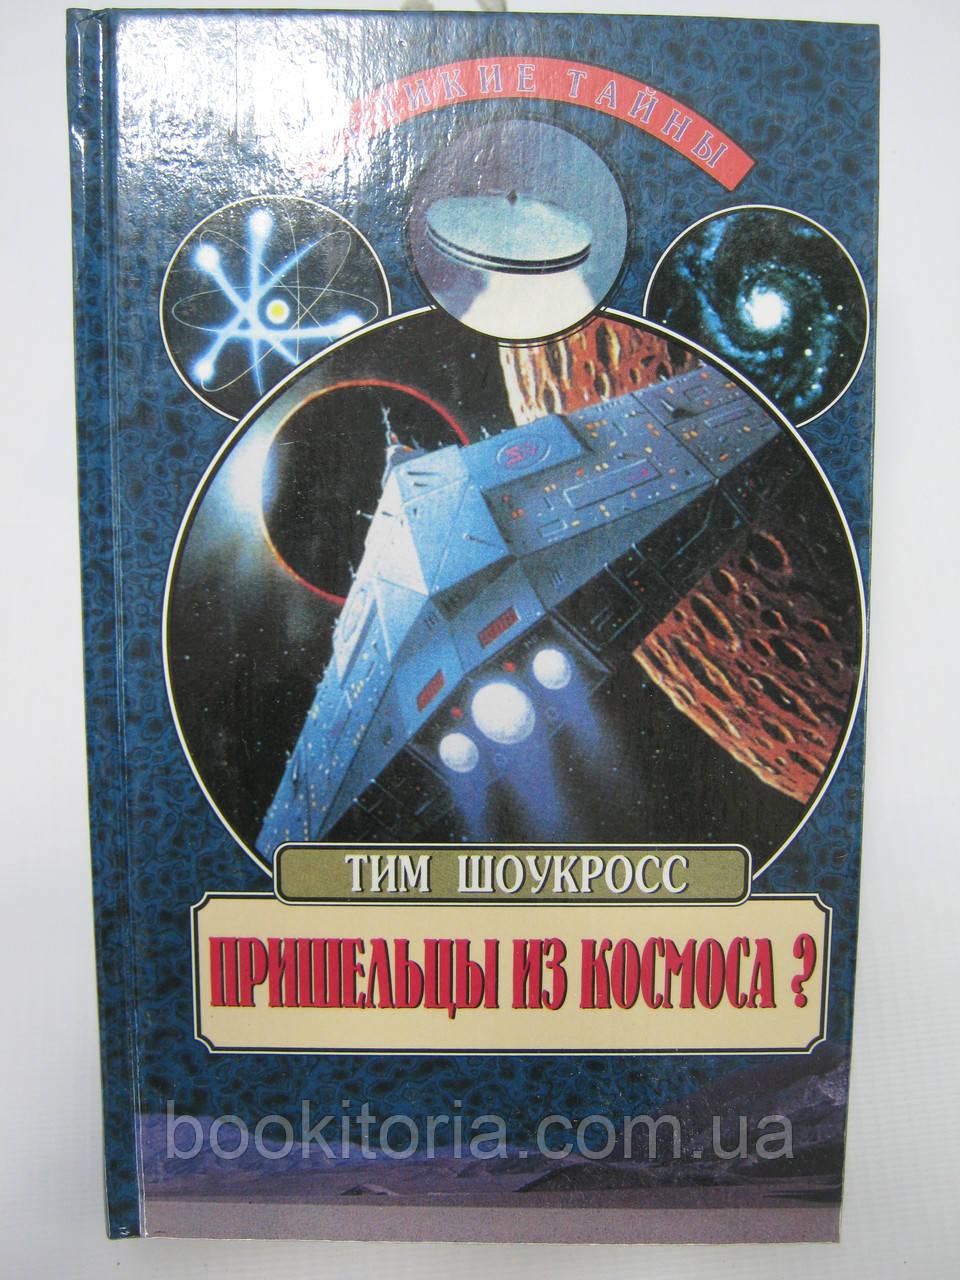 Шоукросс Т. Пришельцы из космоса? Что случилось в Росуэлле в 1947 году (б/у).